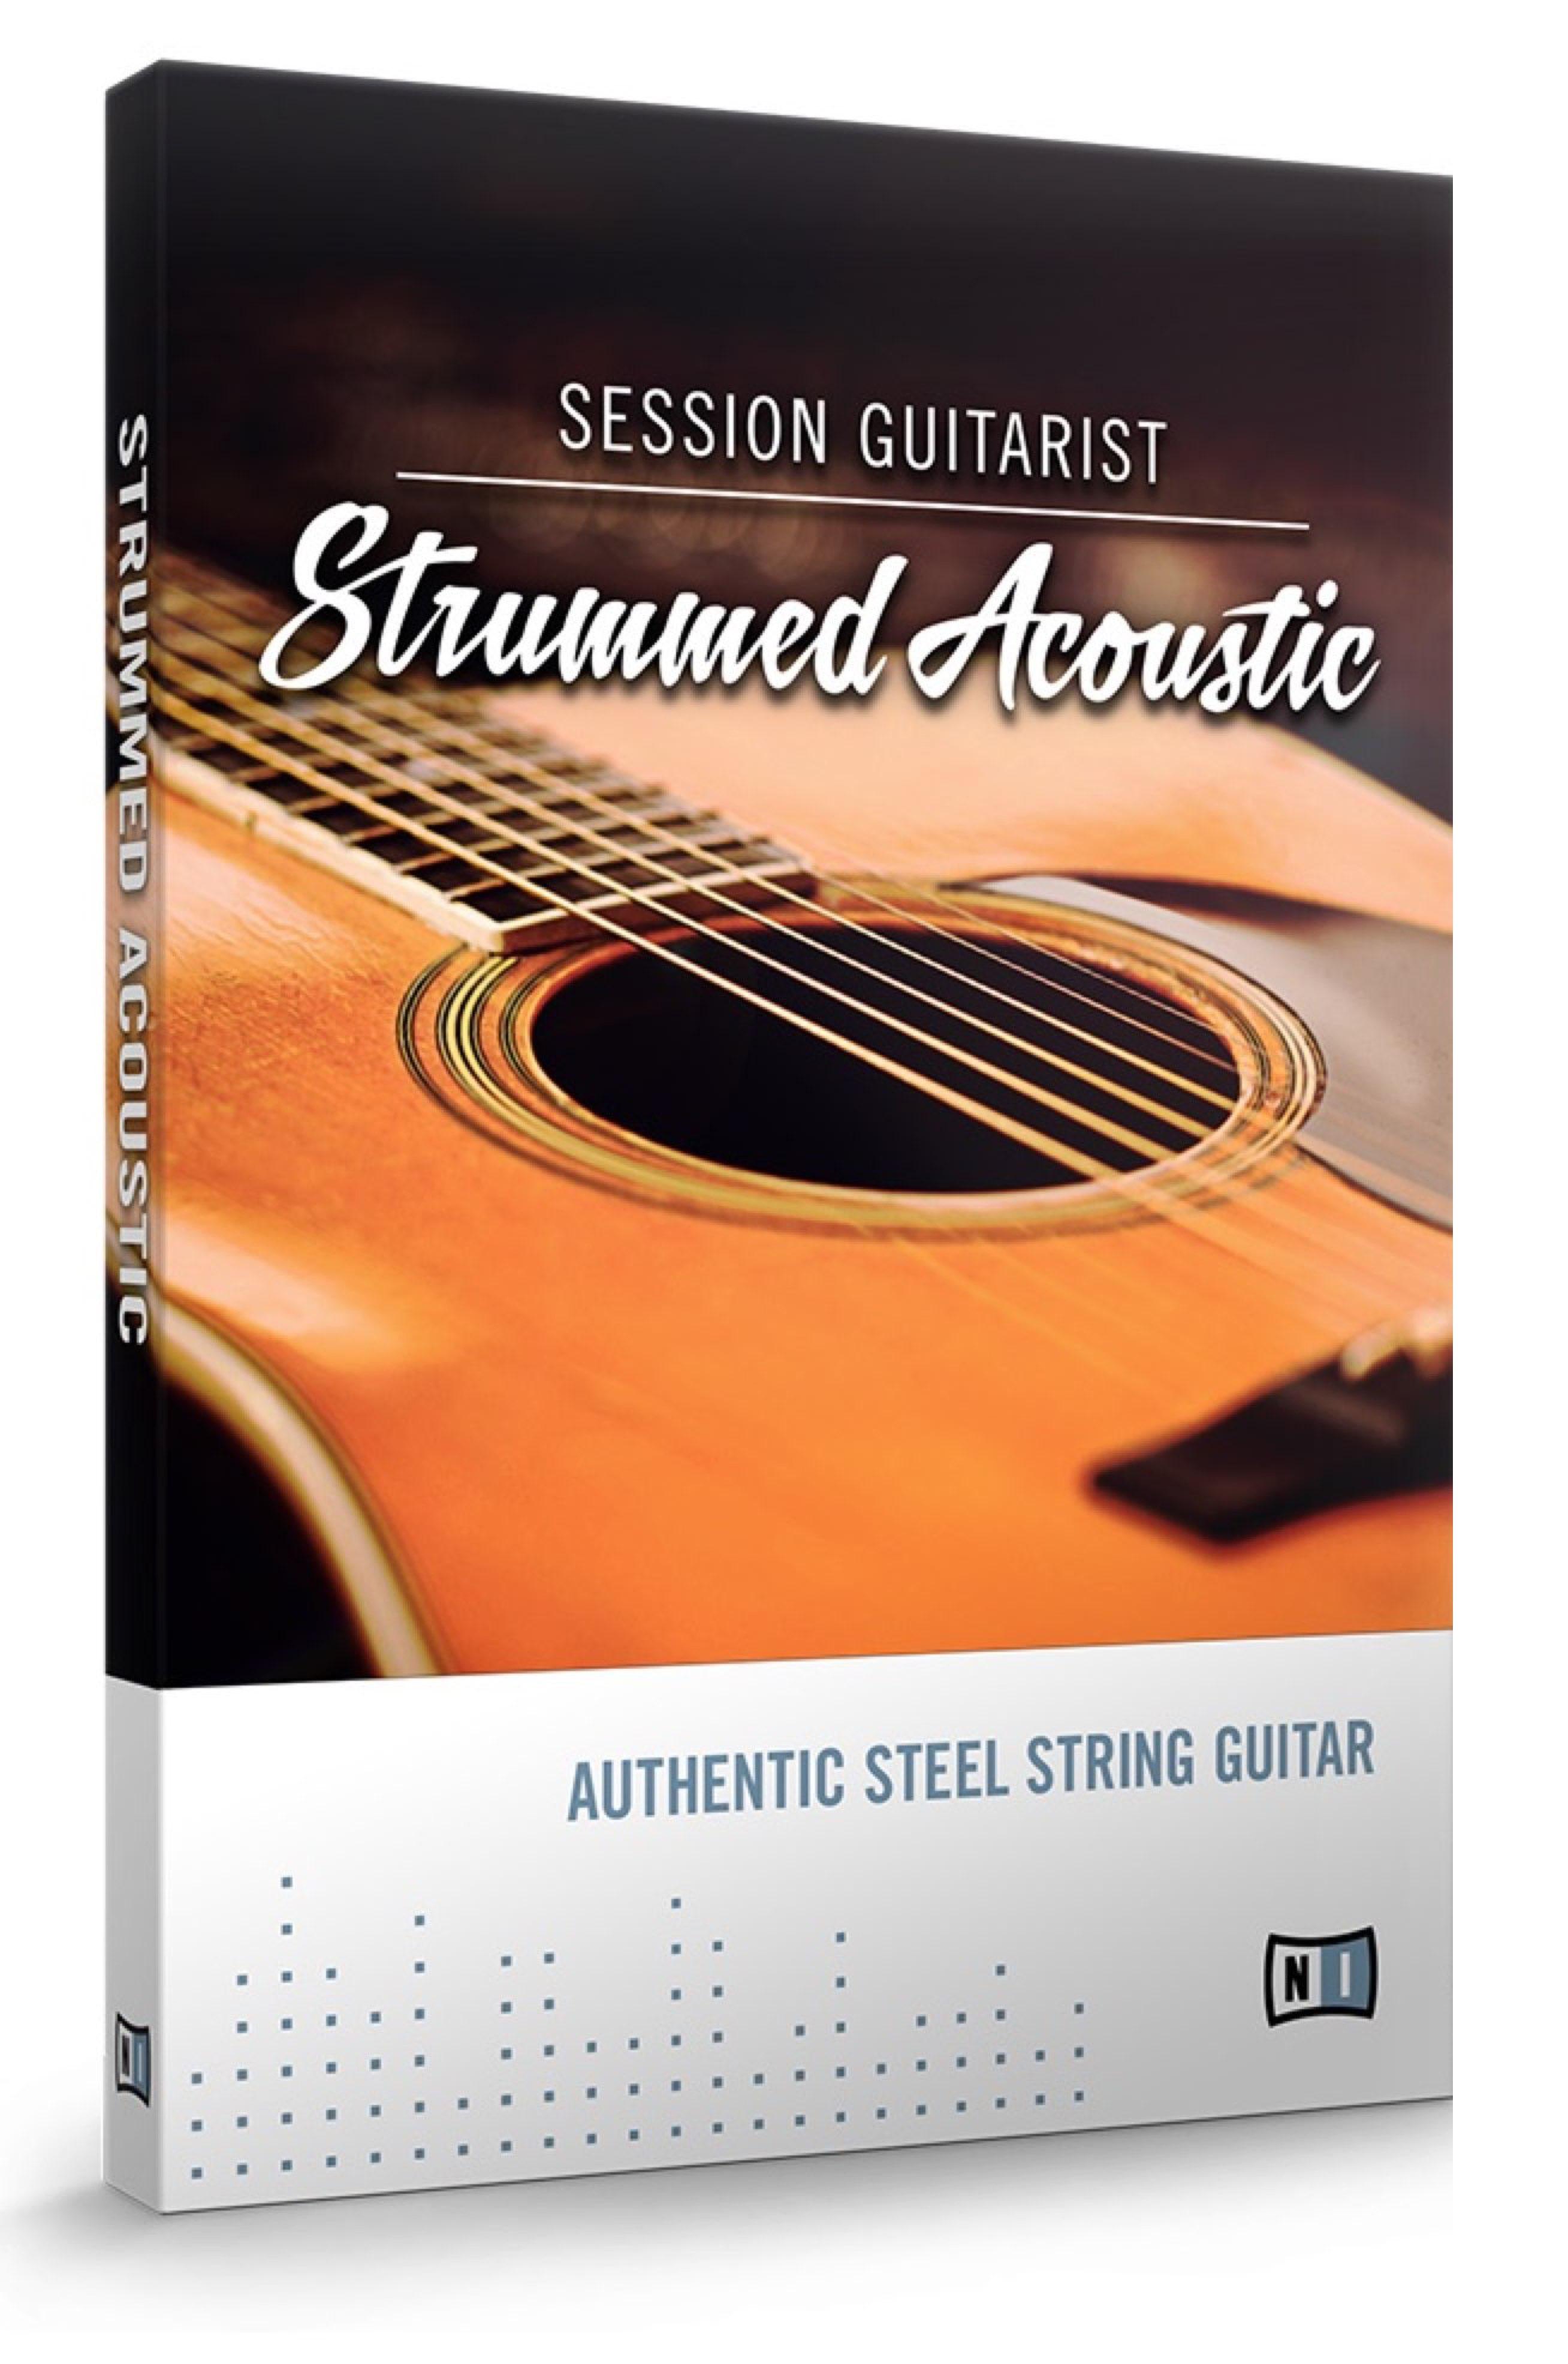 Strummed_Acoustic-1